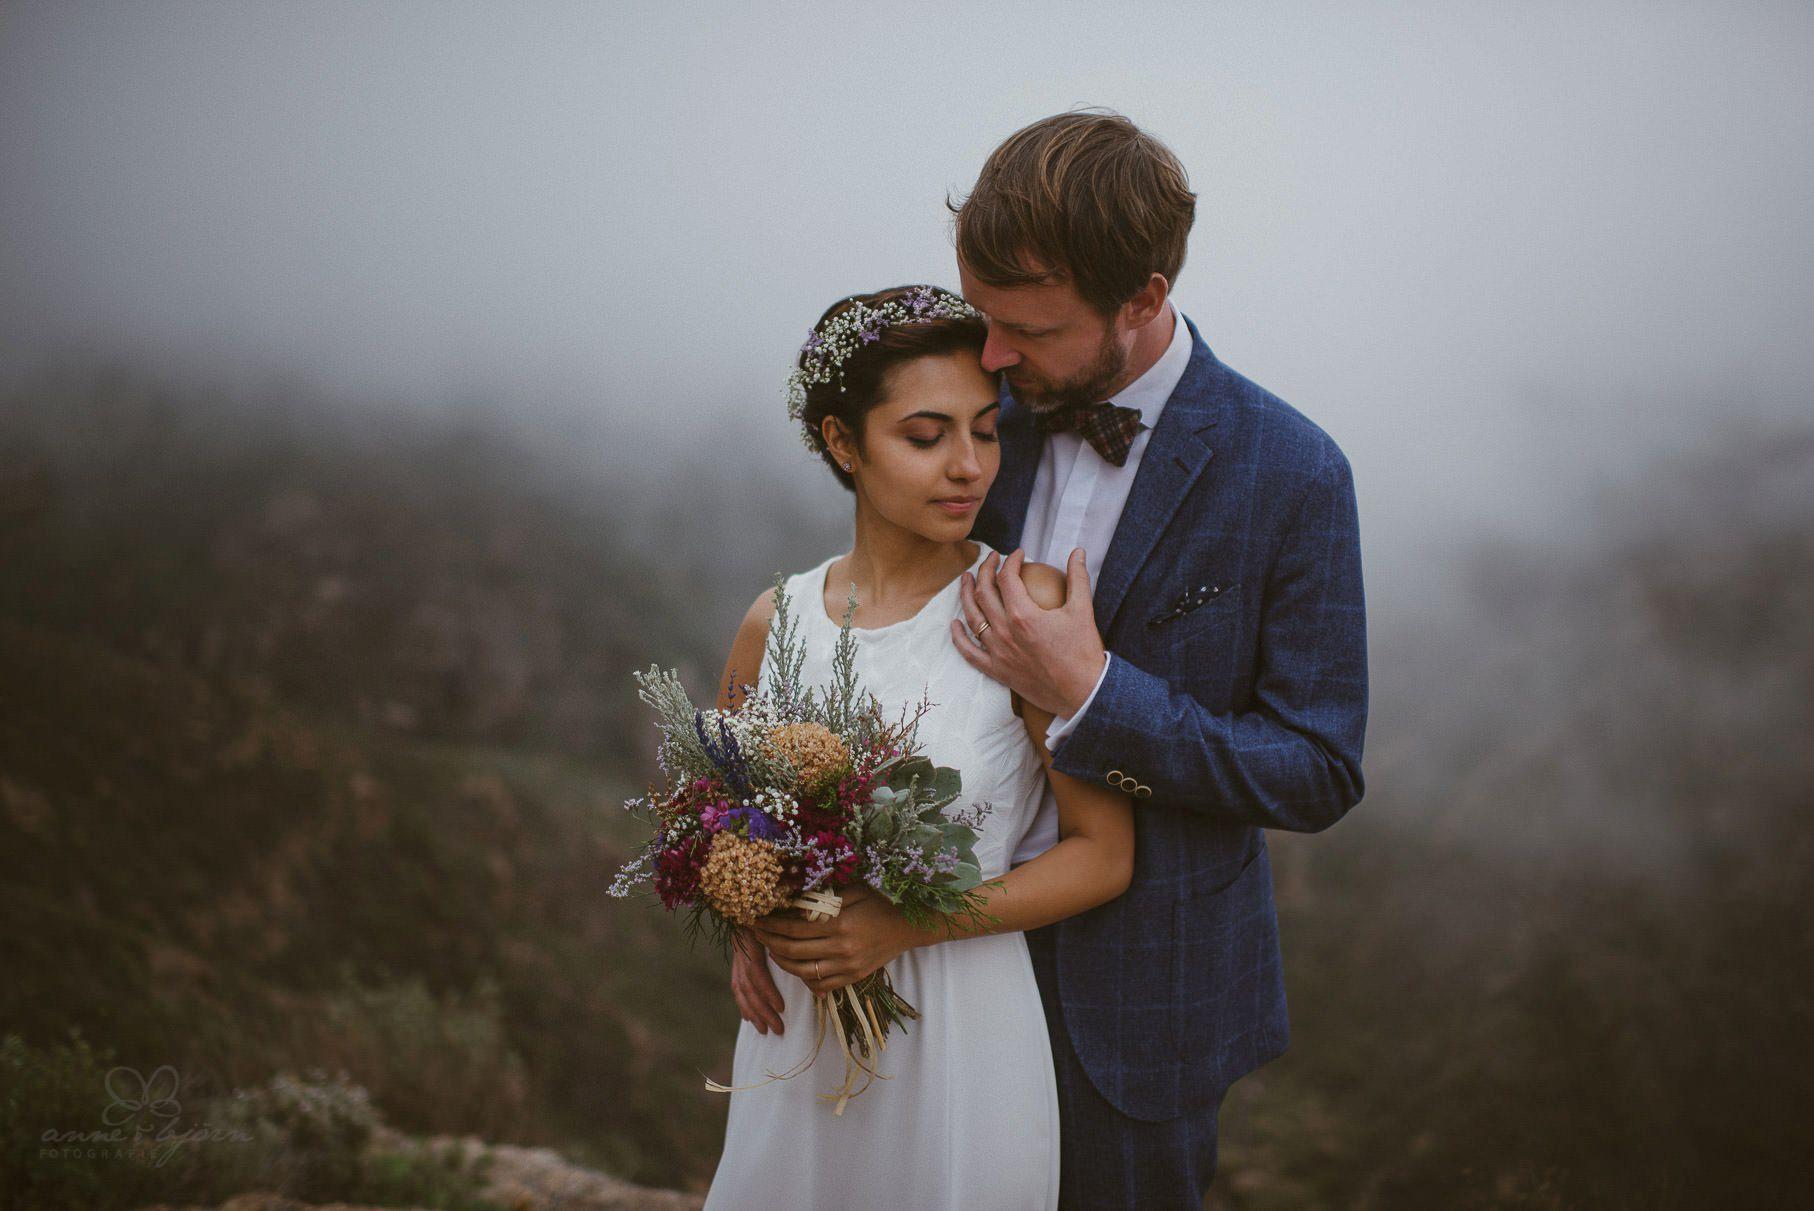 0113 lug d75 7269 bearbeitet 2 - Hochzeit auf Gran Canaria - Linda & Gerald (Elopement)